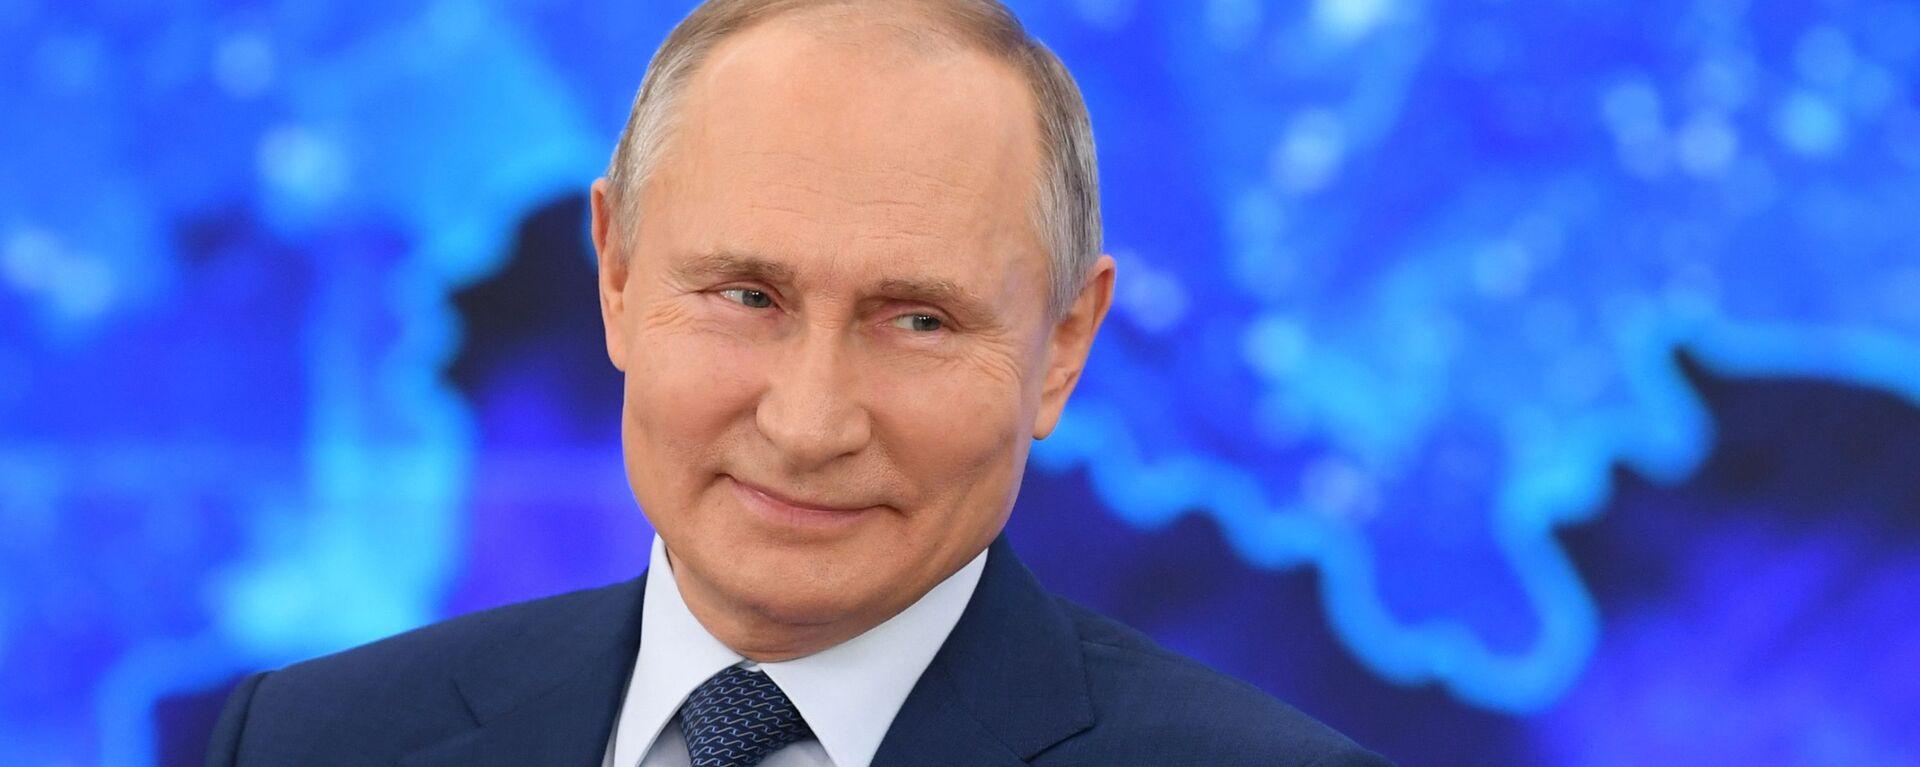 La gran rueda de prensa anual del presidente ruso, Vladímir Putin - Sputnik Mundo, 1920, 04.03.2021